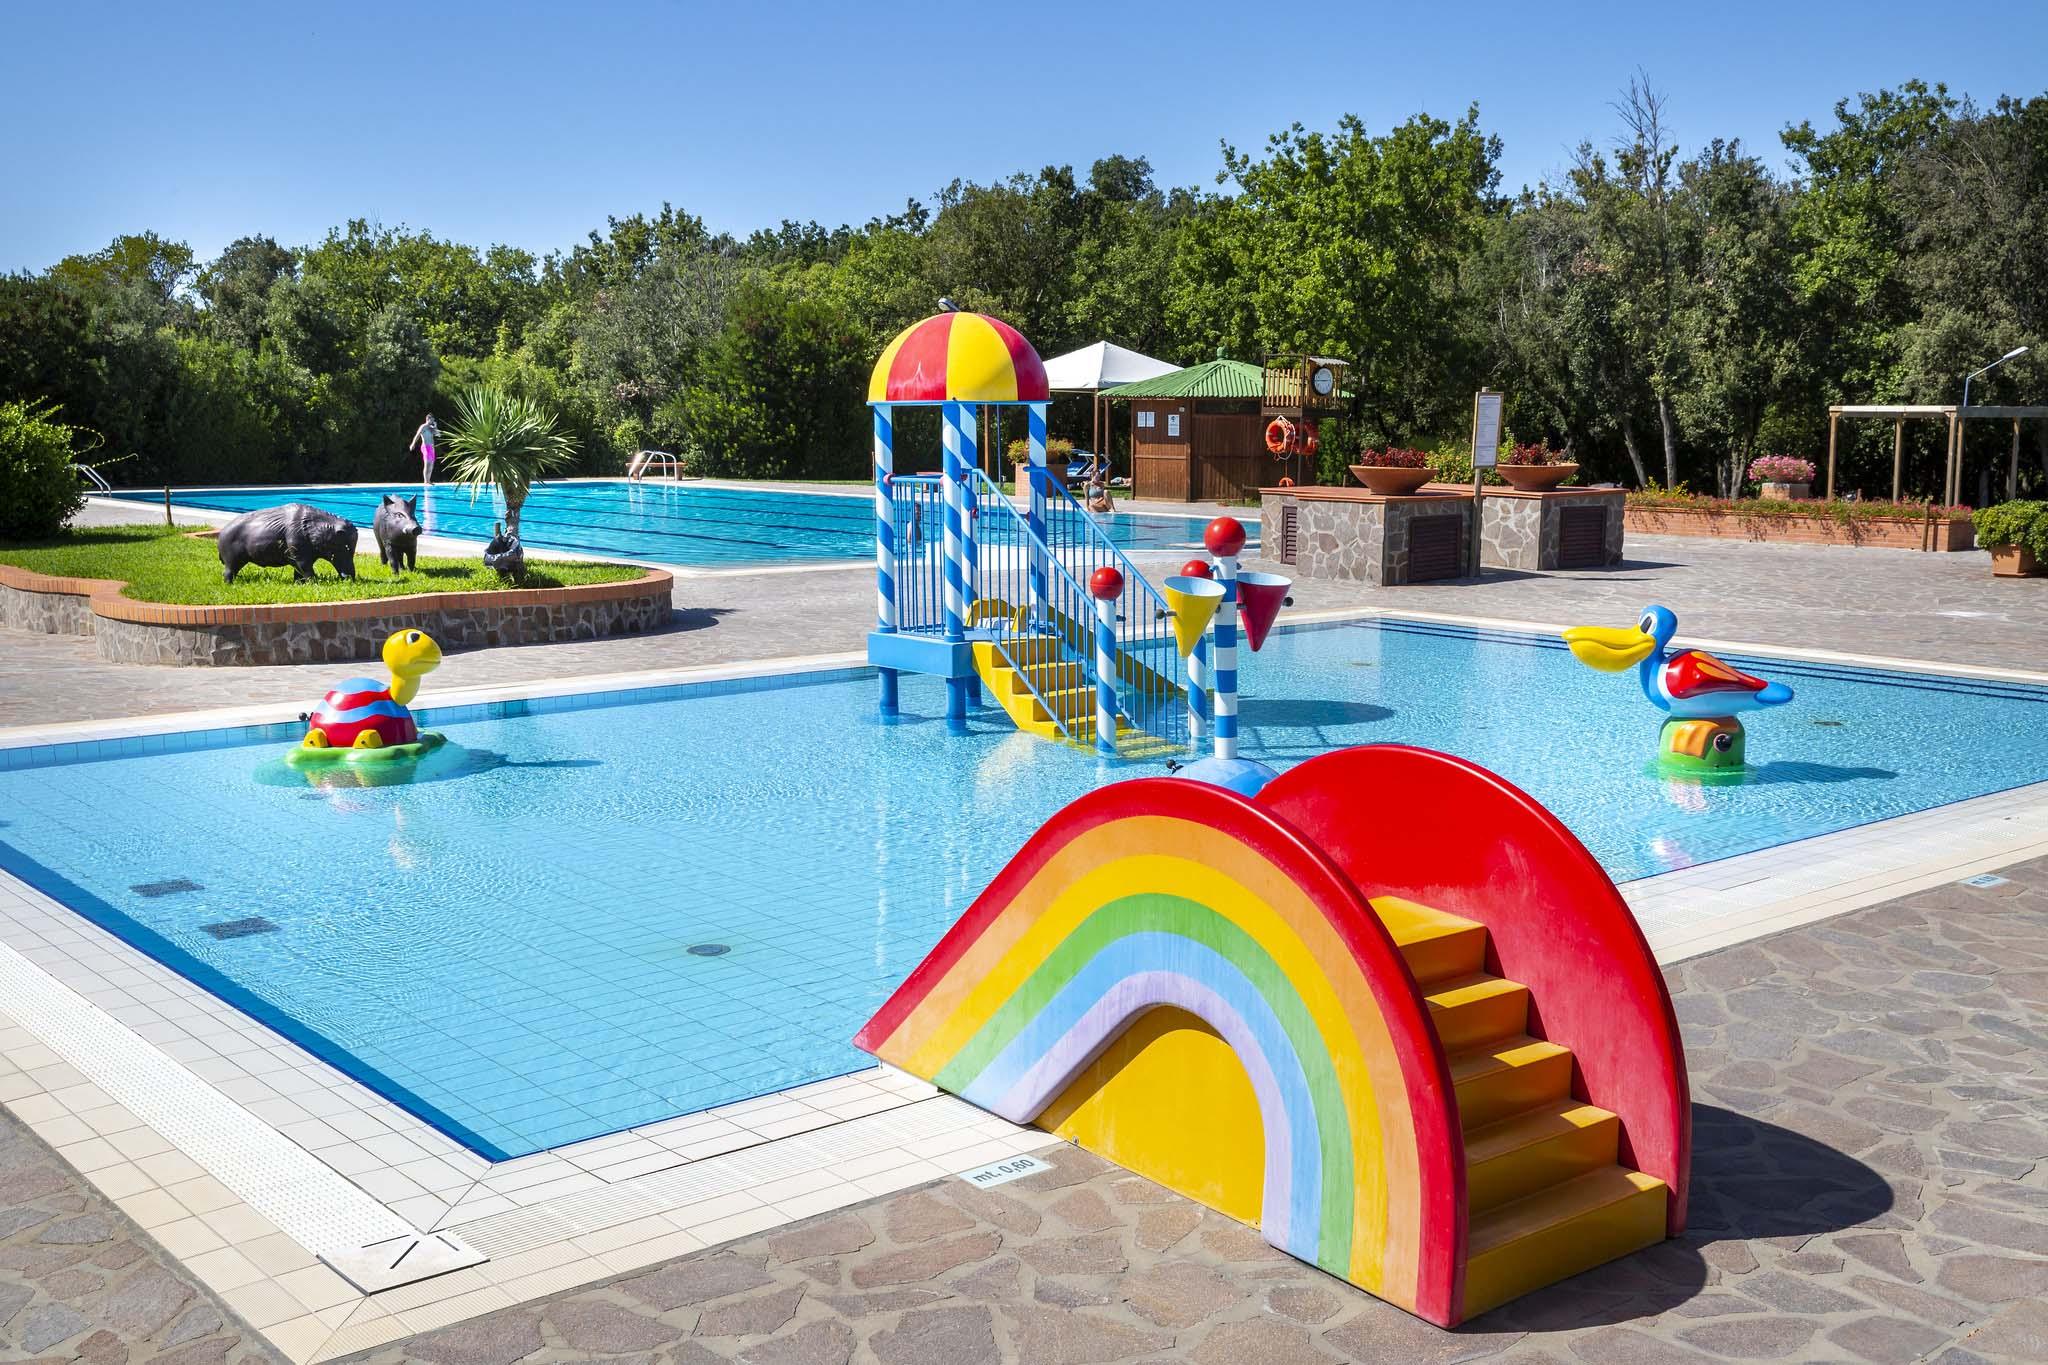 Piscina per bambini con giochi e scivoli a Montescudaio Village